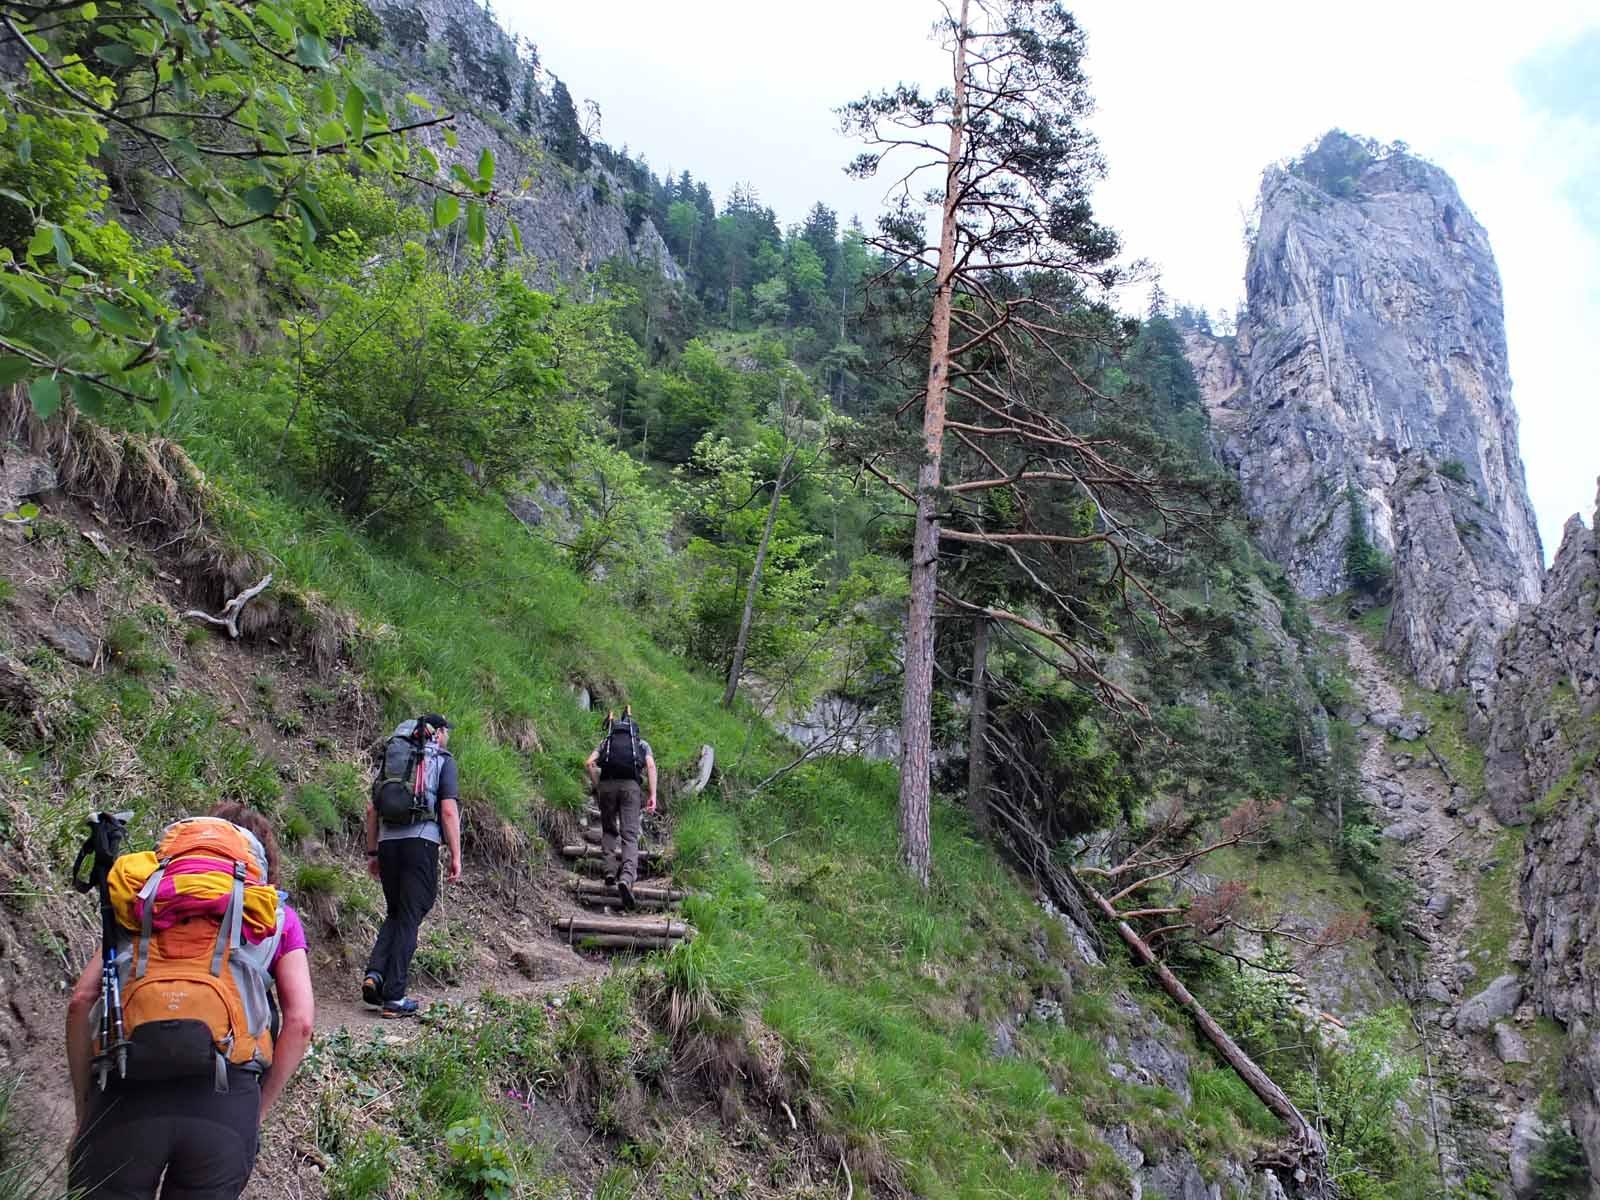 Klettersteig Traunstein : Klettersteig am traunstein 2016 u2013 dav